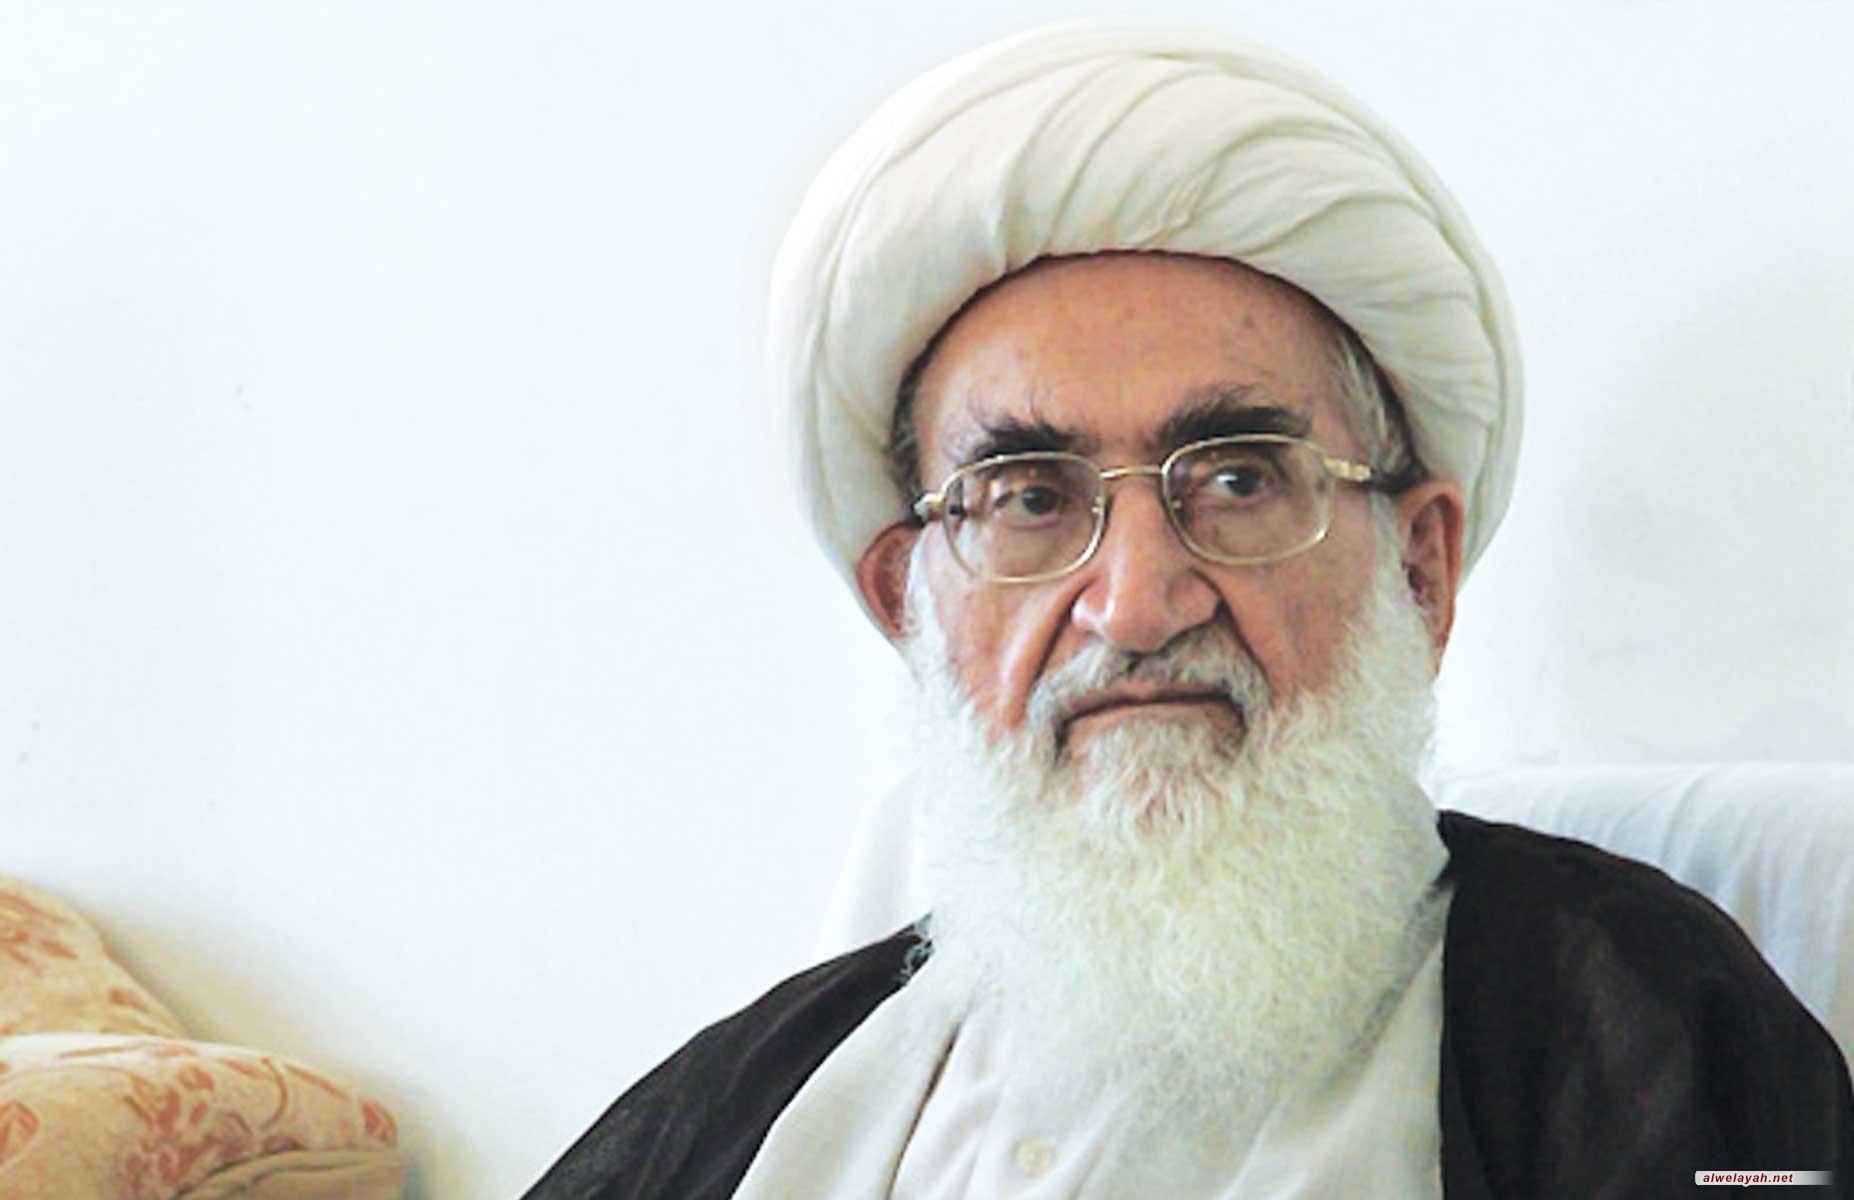 آية الله نوري الهمداني: الأعداء فشلوا في تحقيق أهدافهم ضد الجمهورية الإسلامية